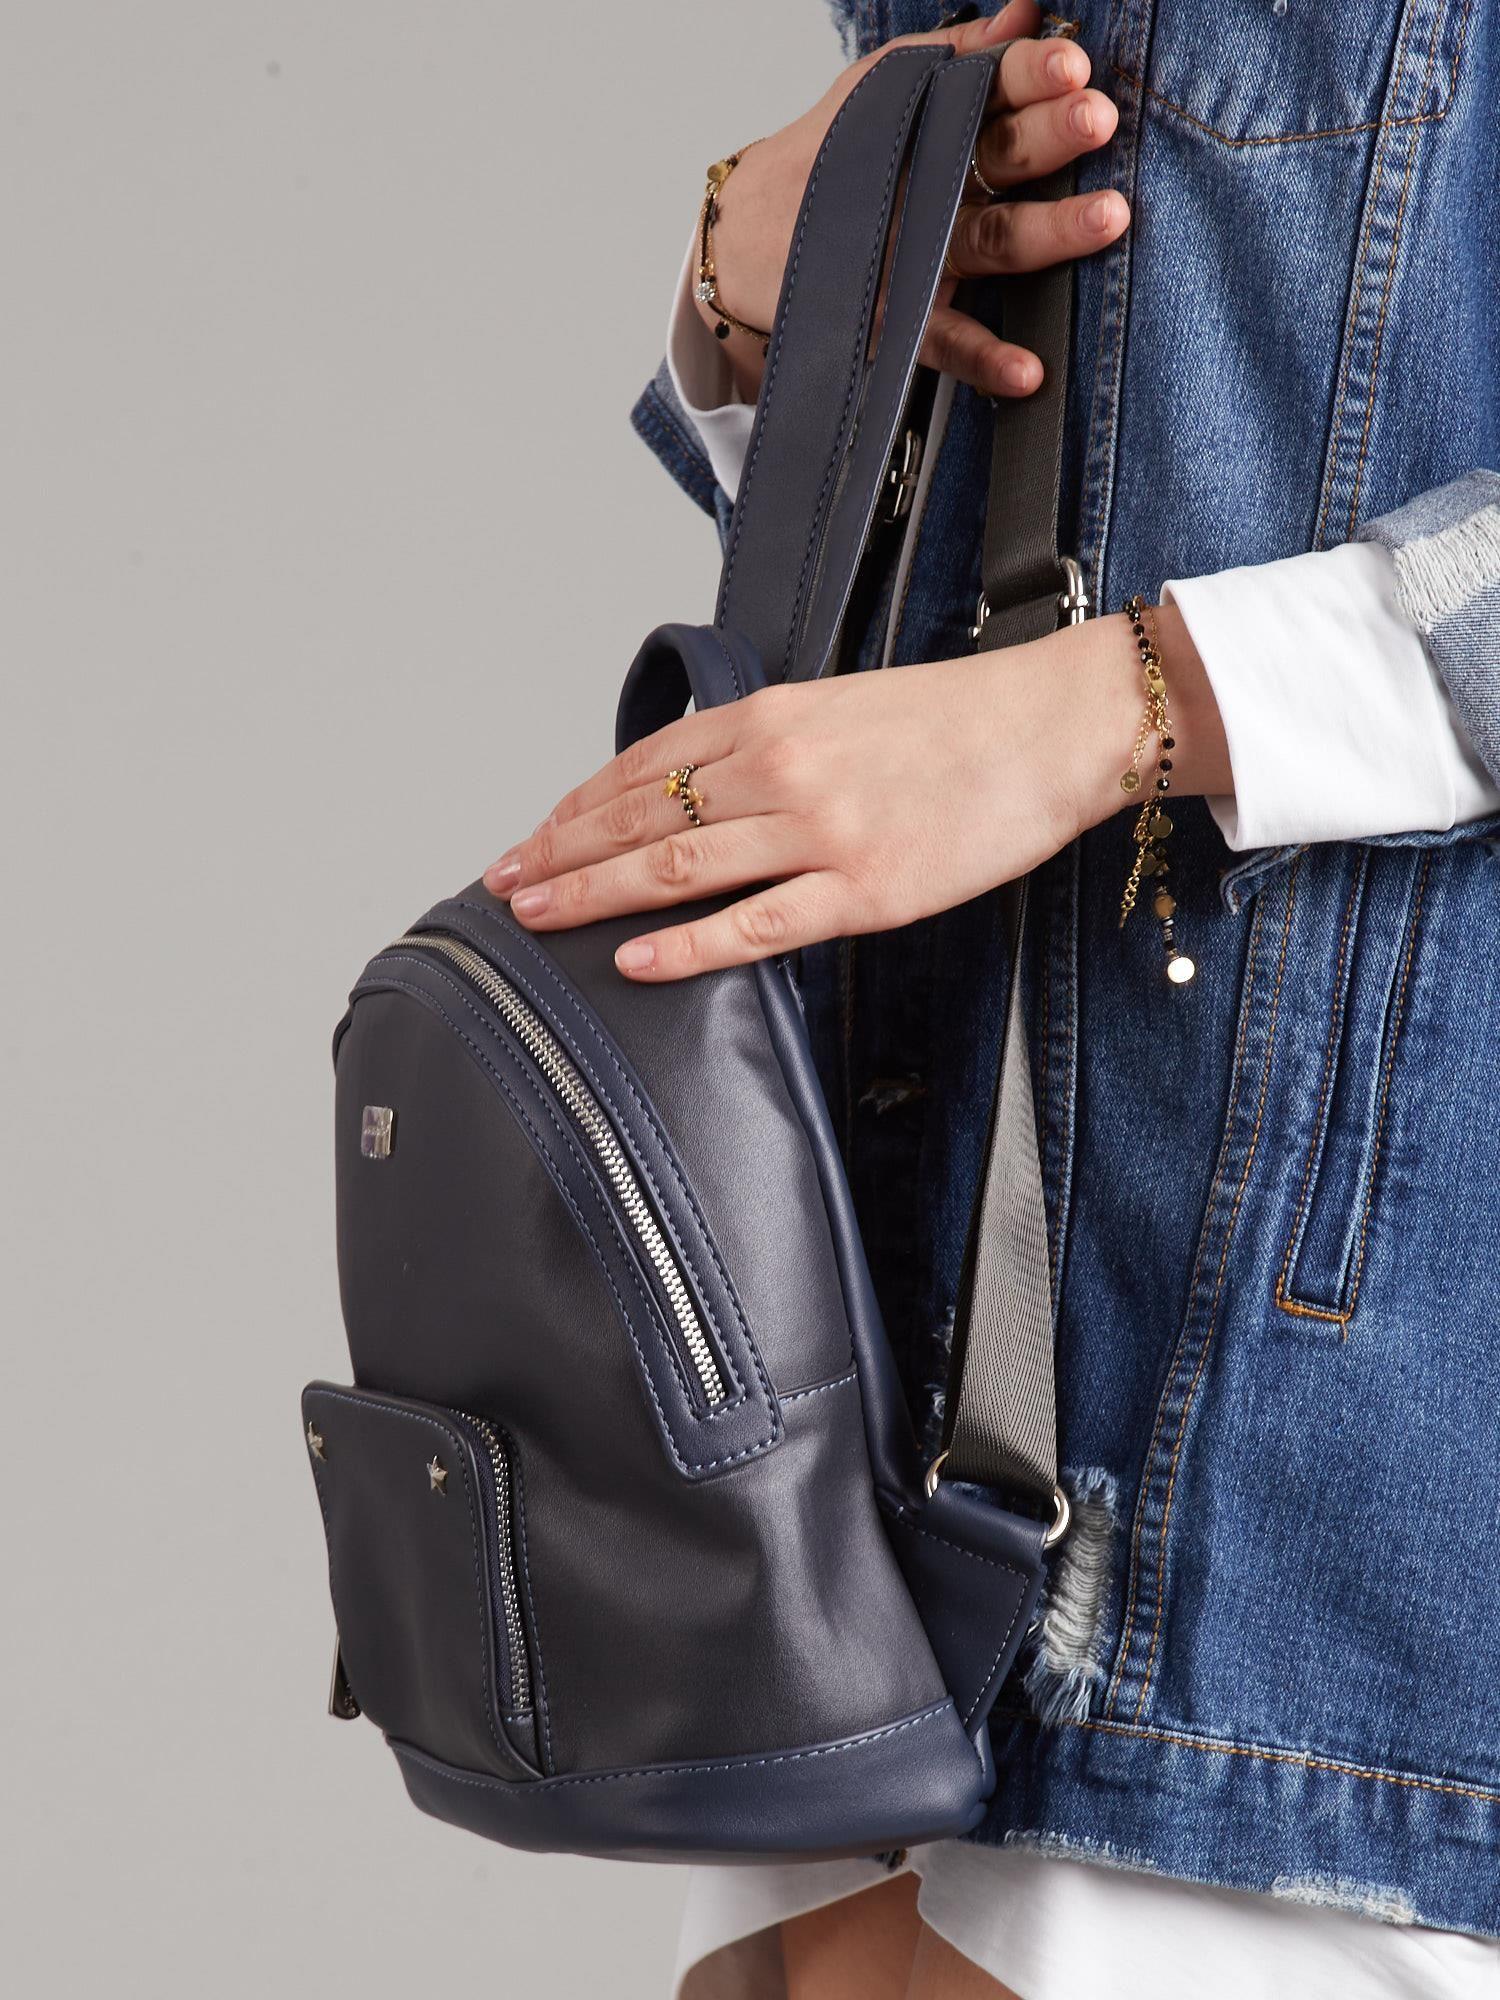 c90d192999944 Granatowy plecak damski z eko skóry - Akcesoria plecaki - sklep ...